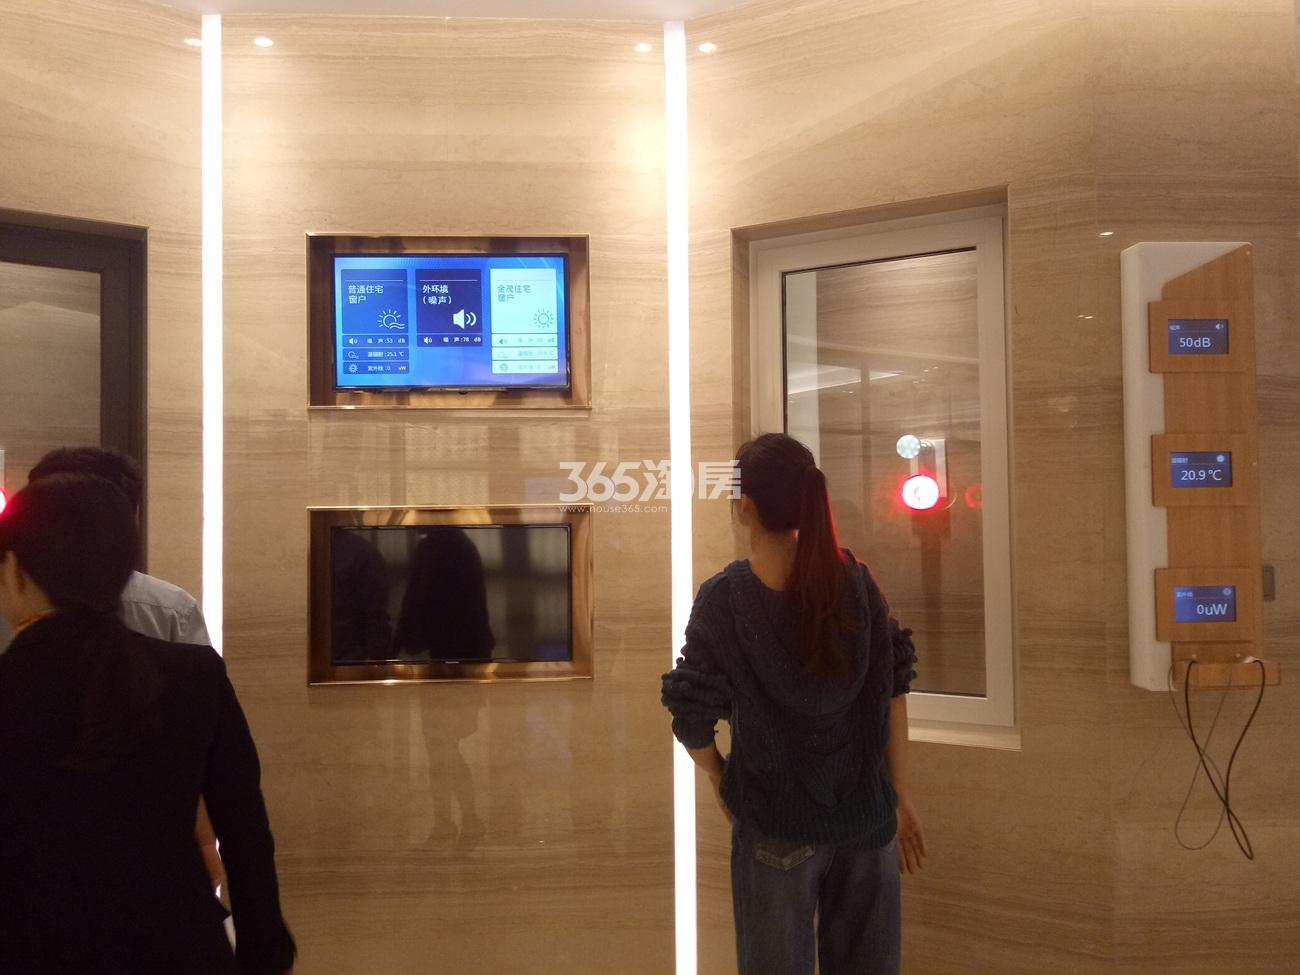 2017.4.15首开杭州金茂府示范区开放现场的科技系统展示